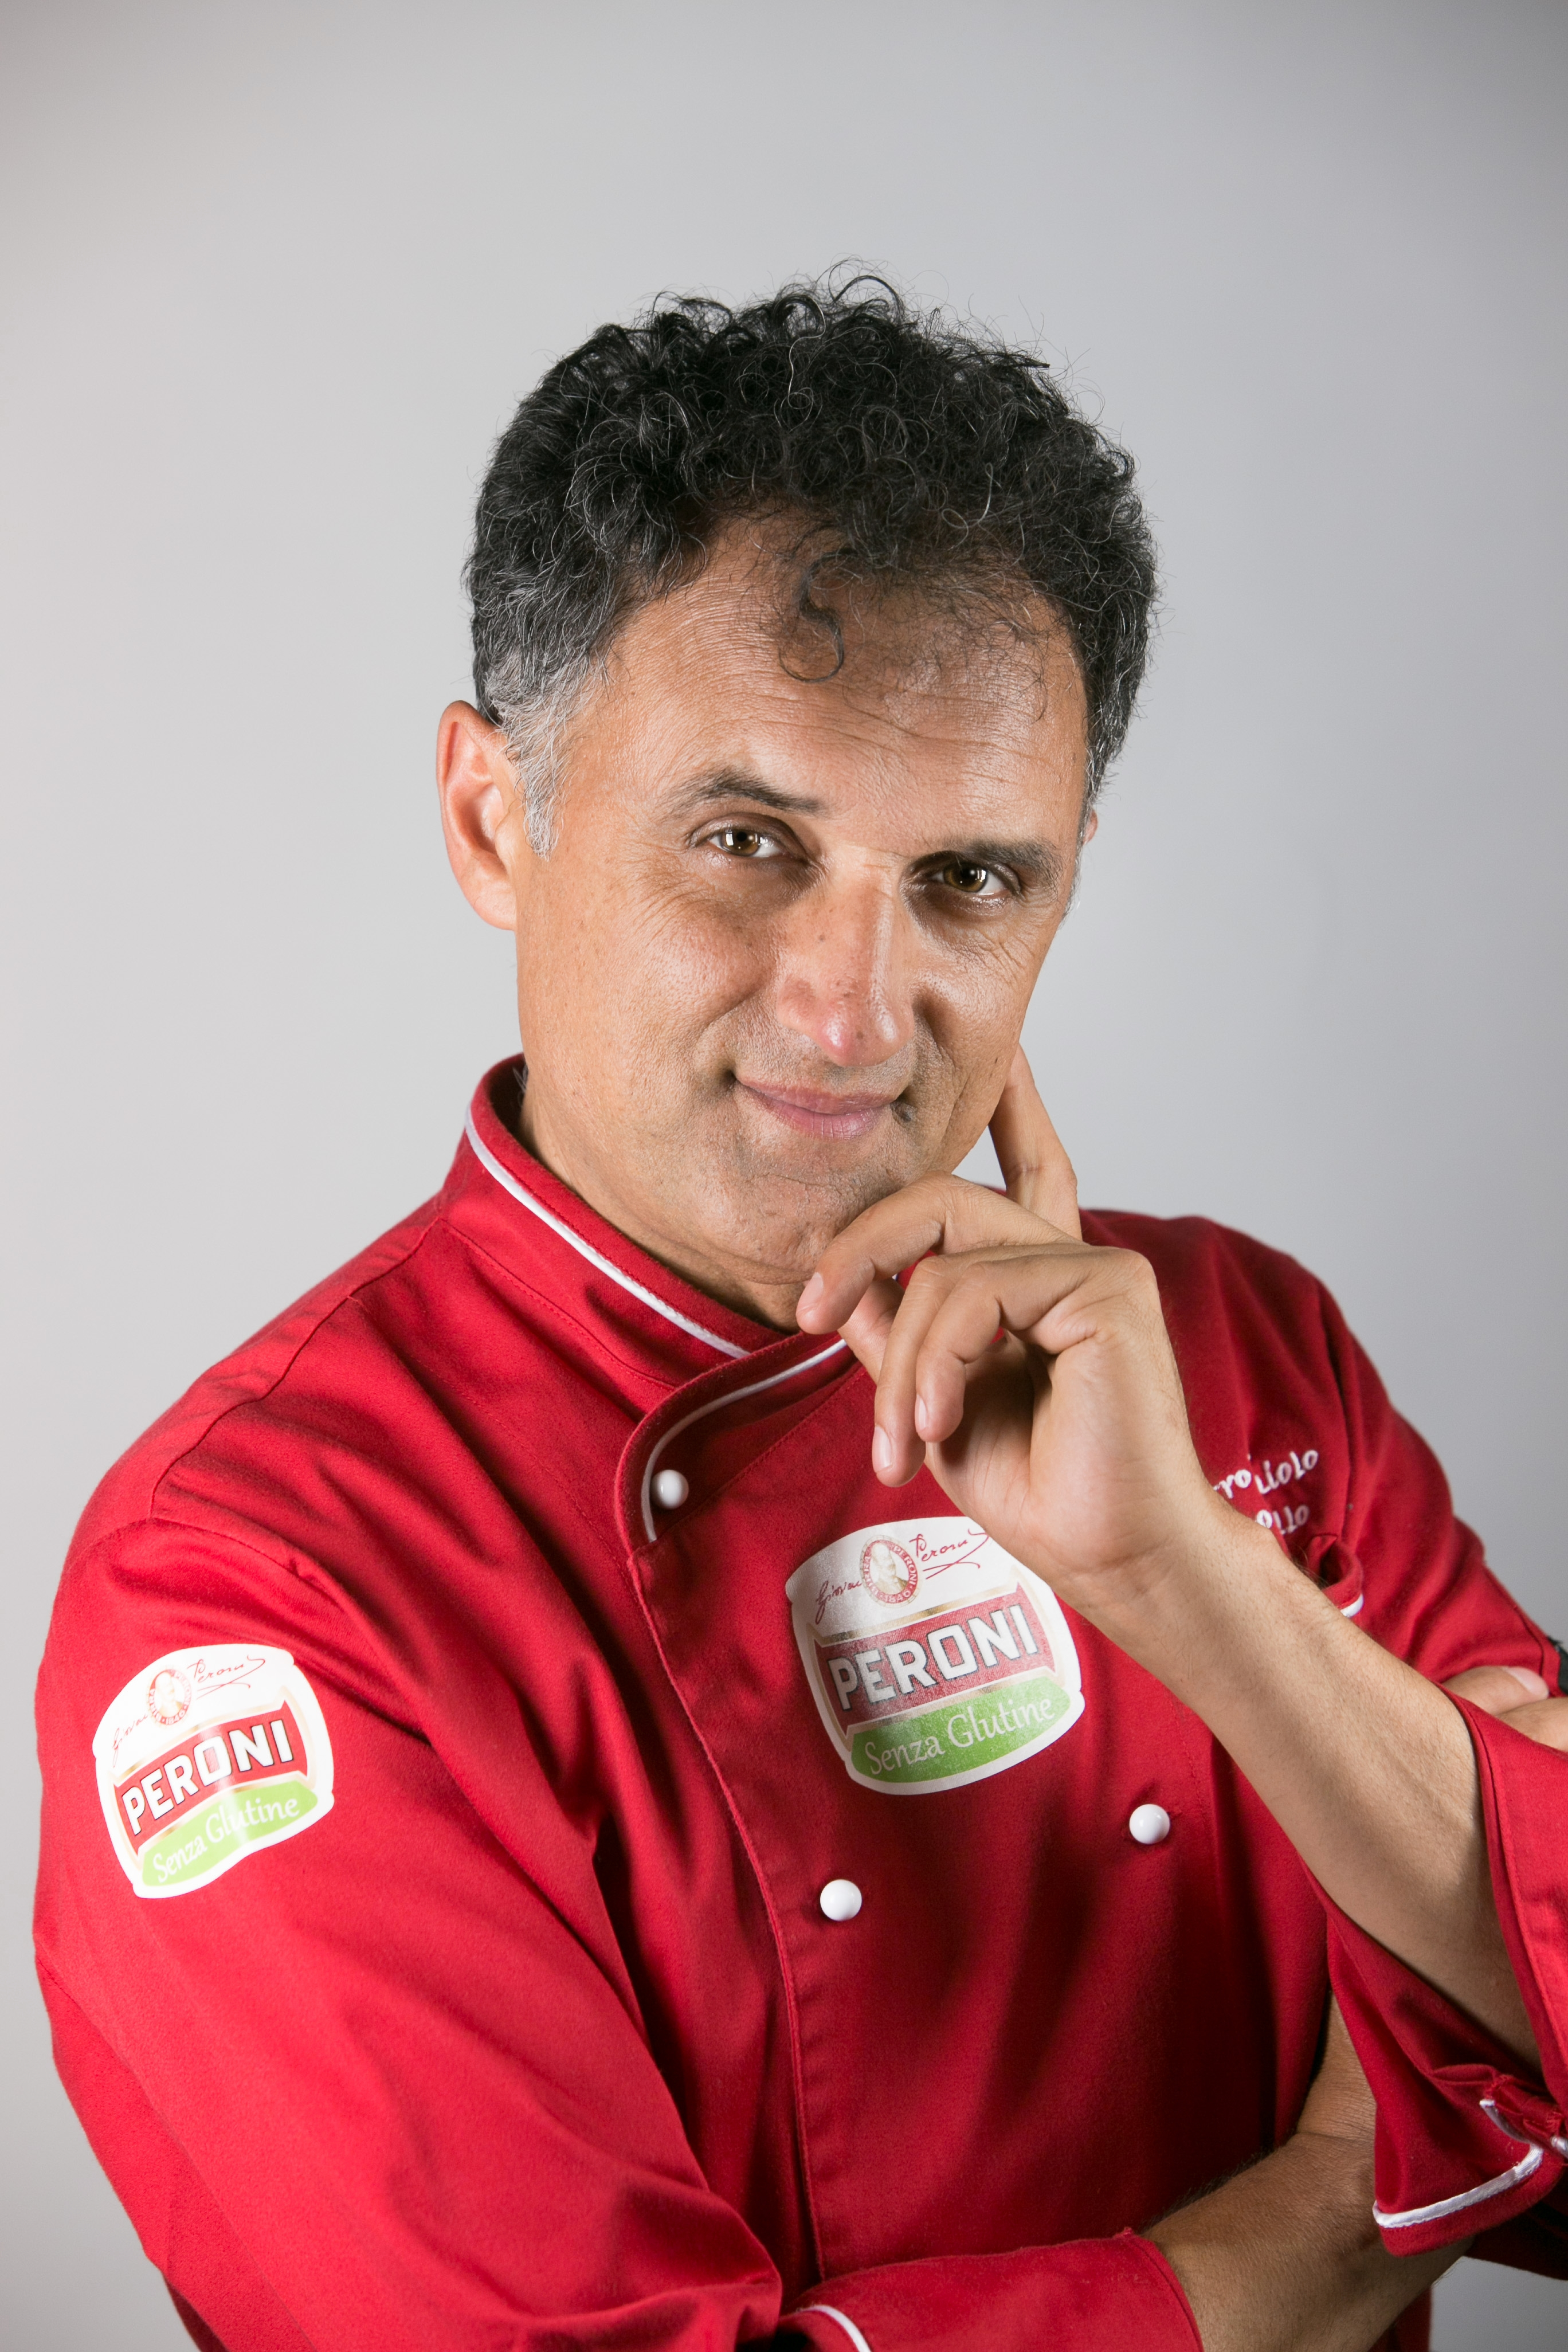 pizzaiolo amoriello - gluten free travel and living